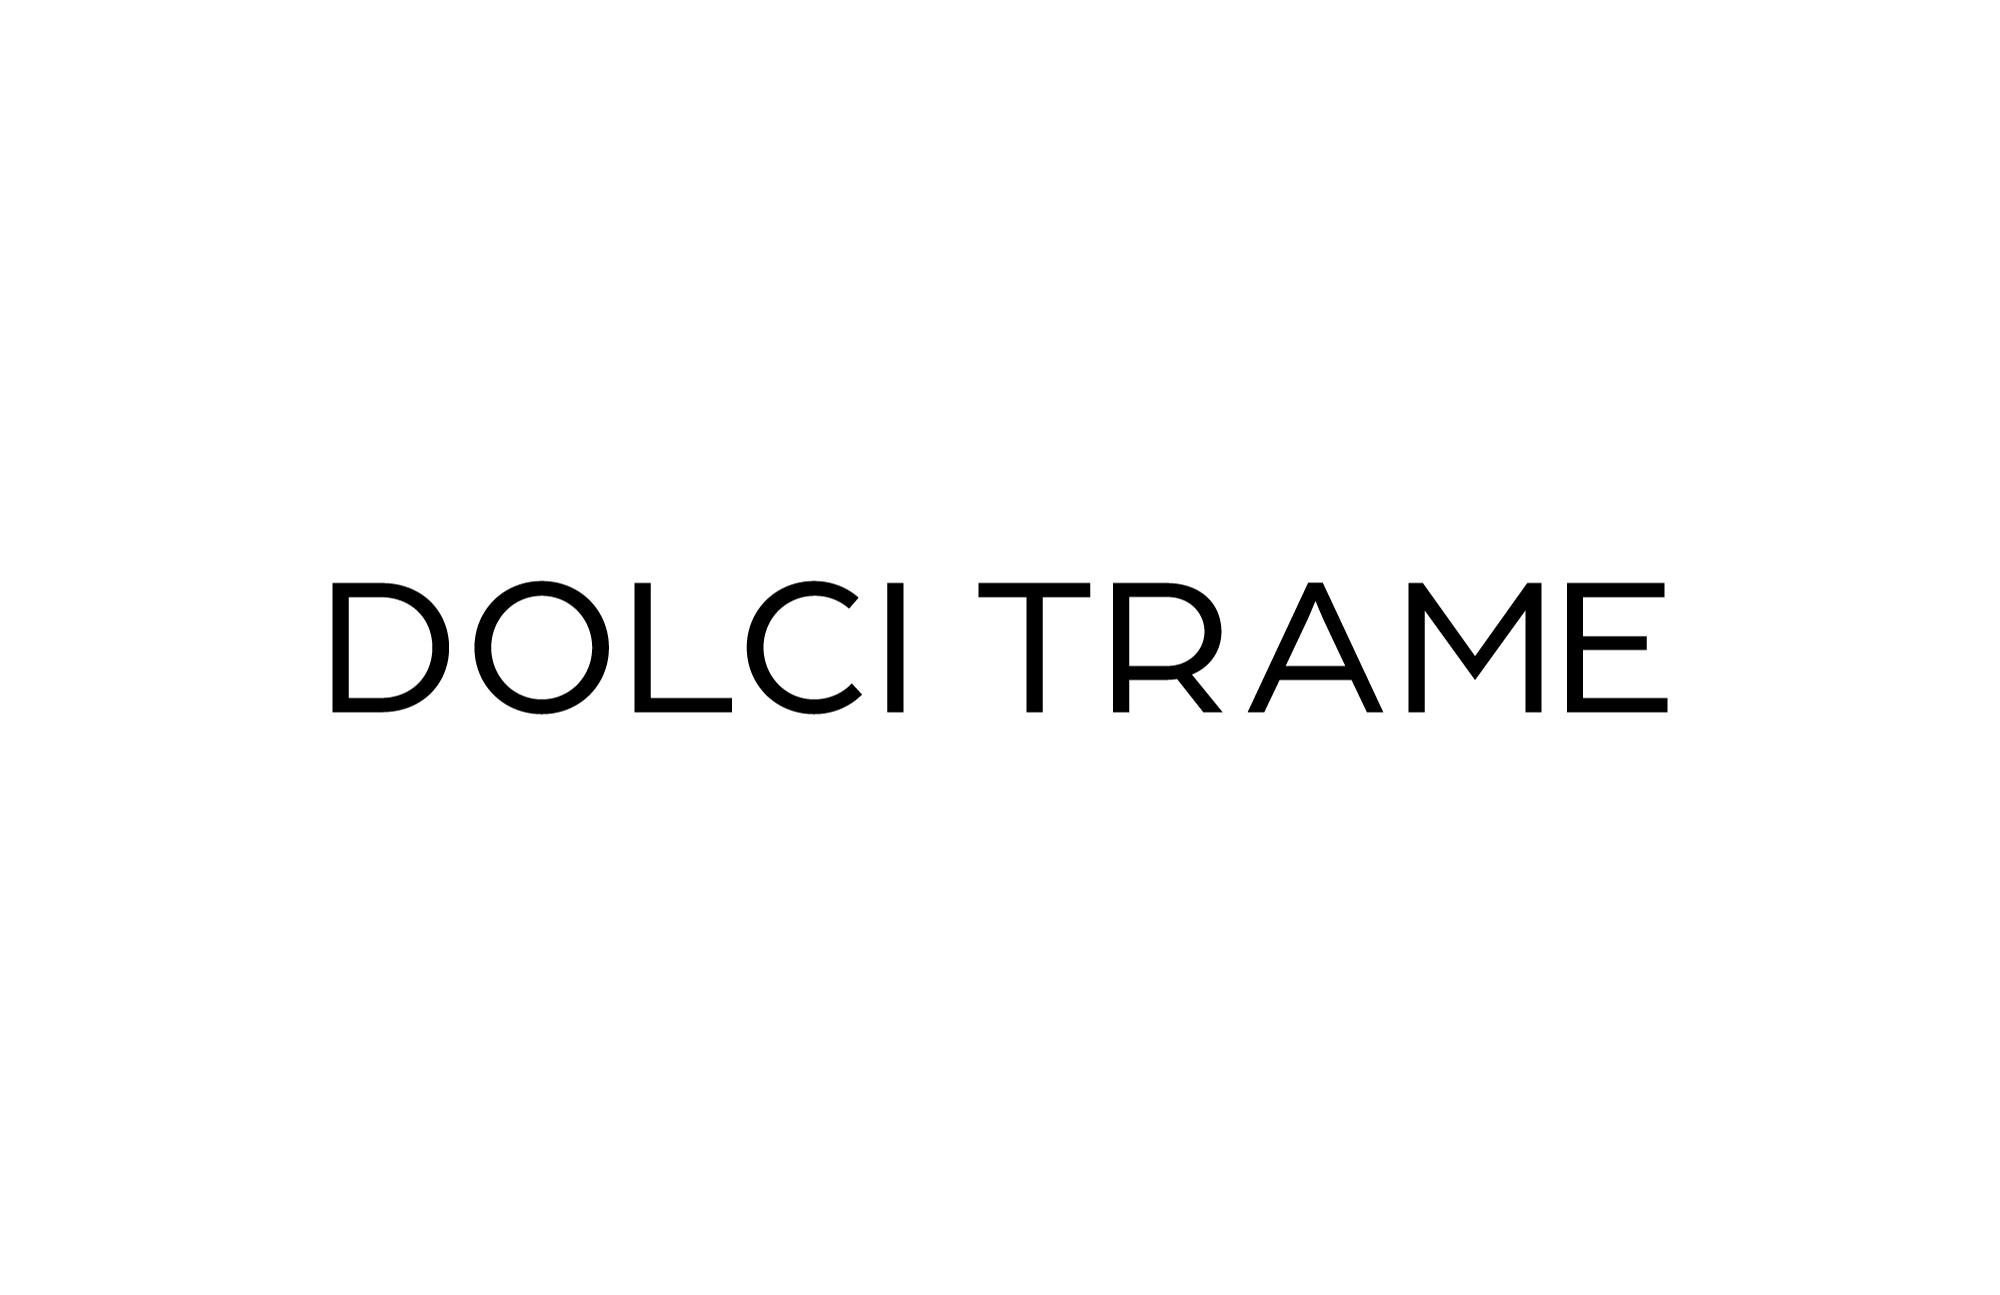 Caratteri-Dolci-Trame_bv